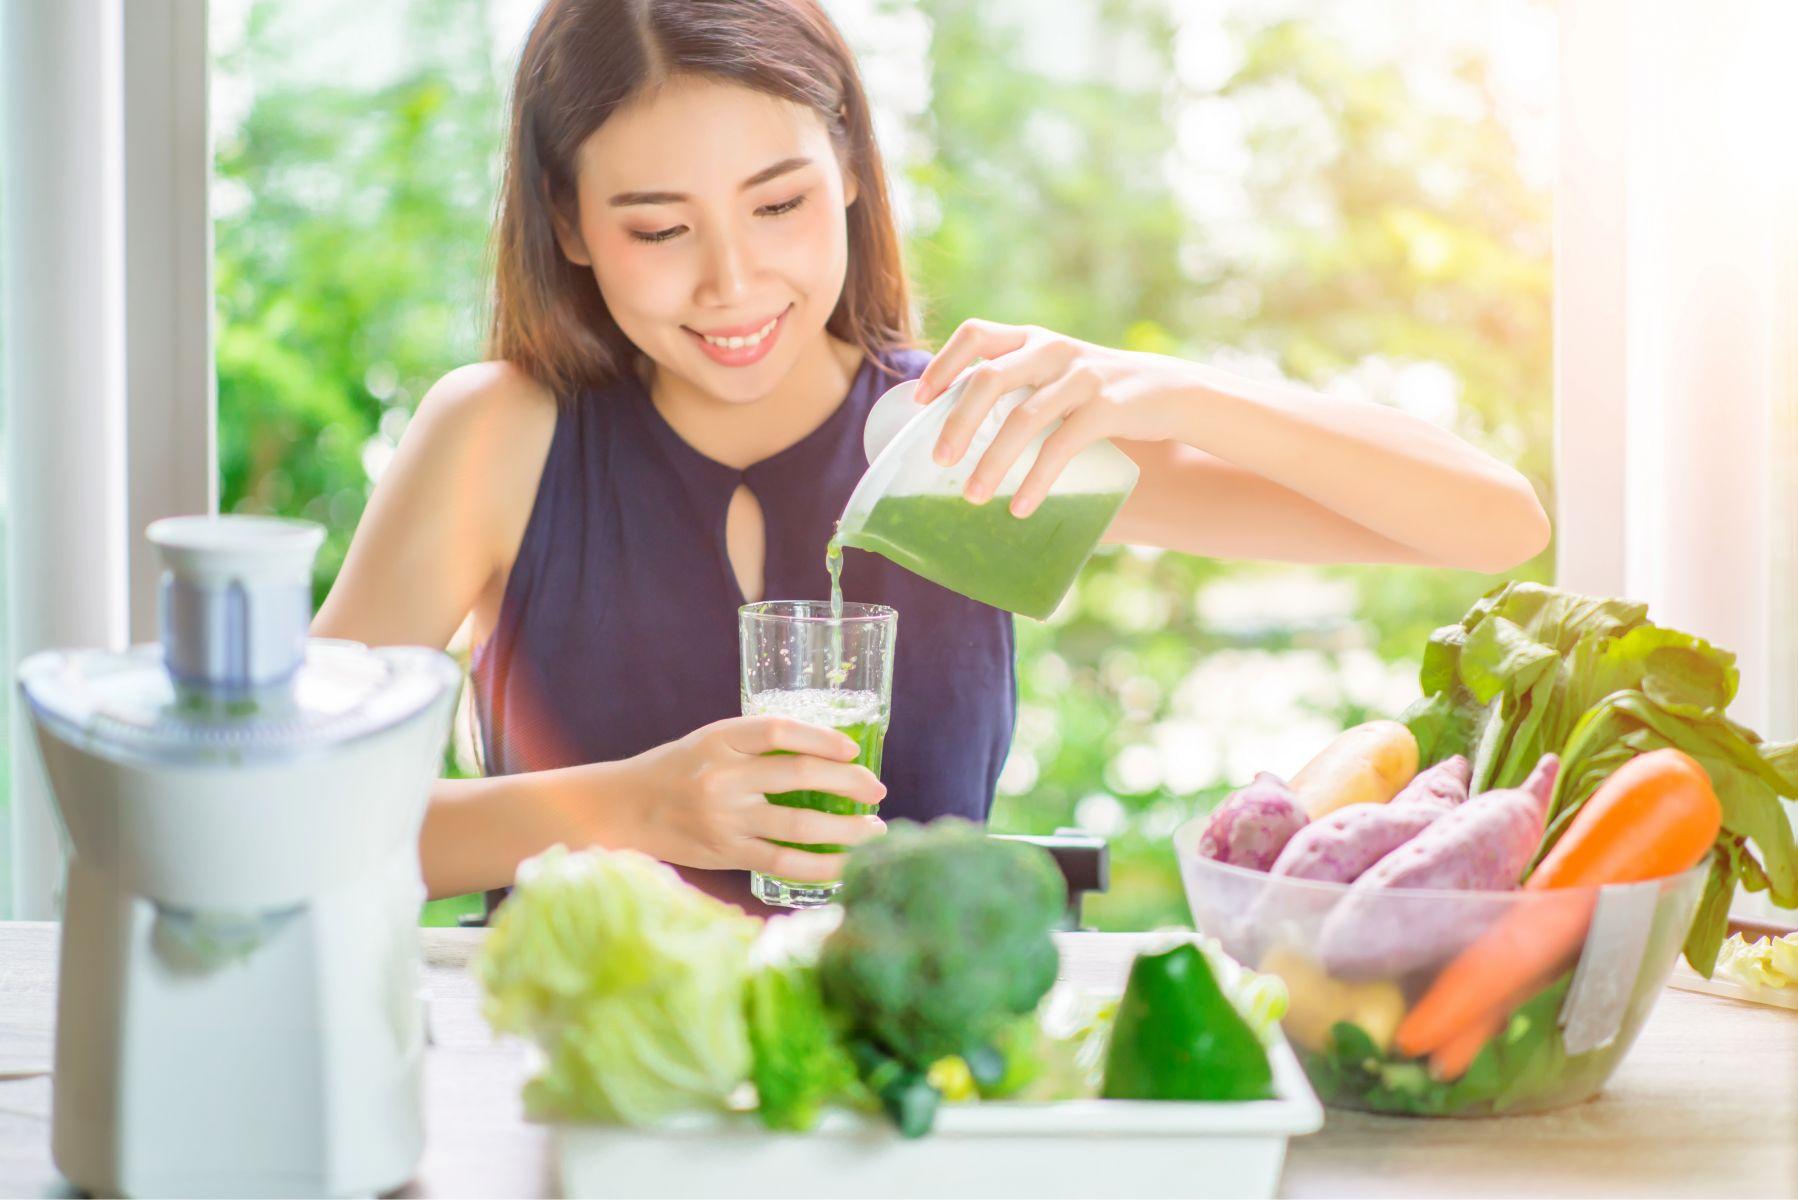 從癌症中重生!北醫教授韓柏檉分享「清血排毒蔬果汁」,顧腸胃、增強免疫力